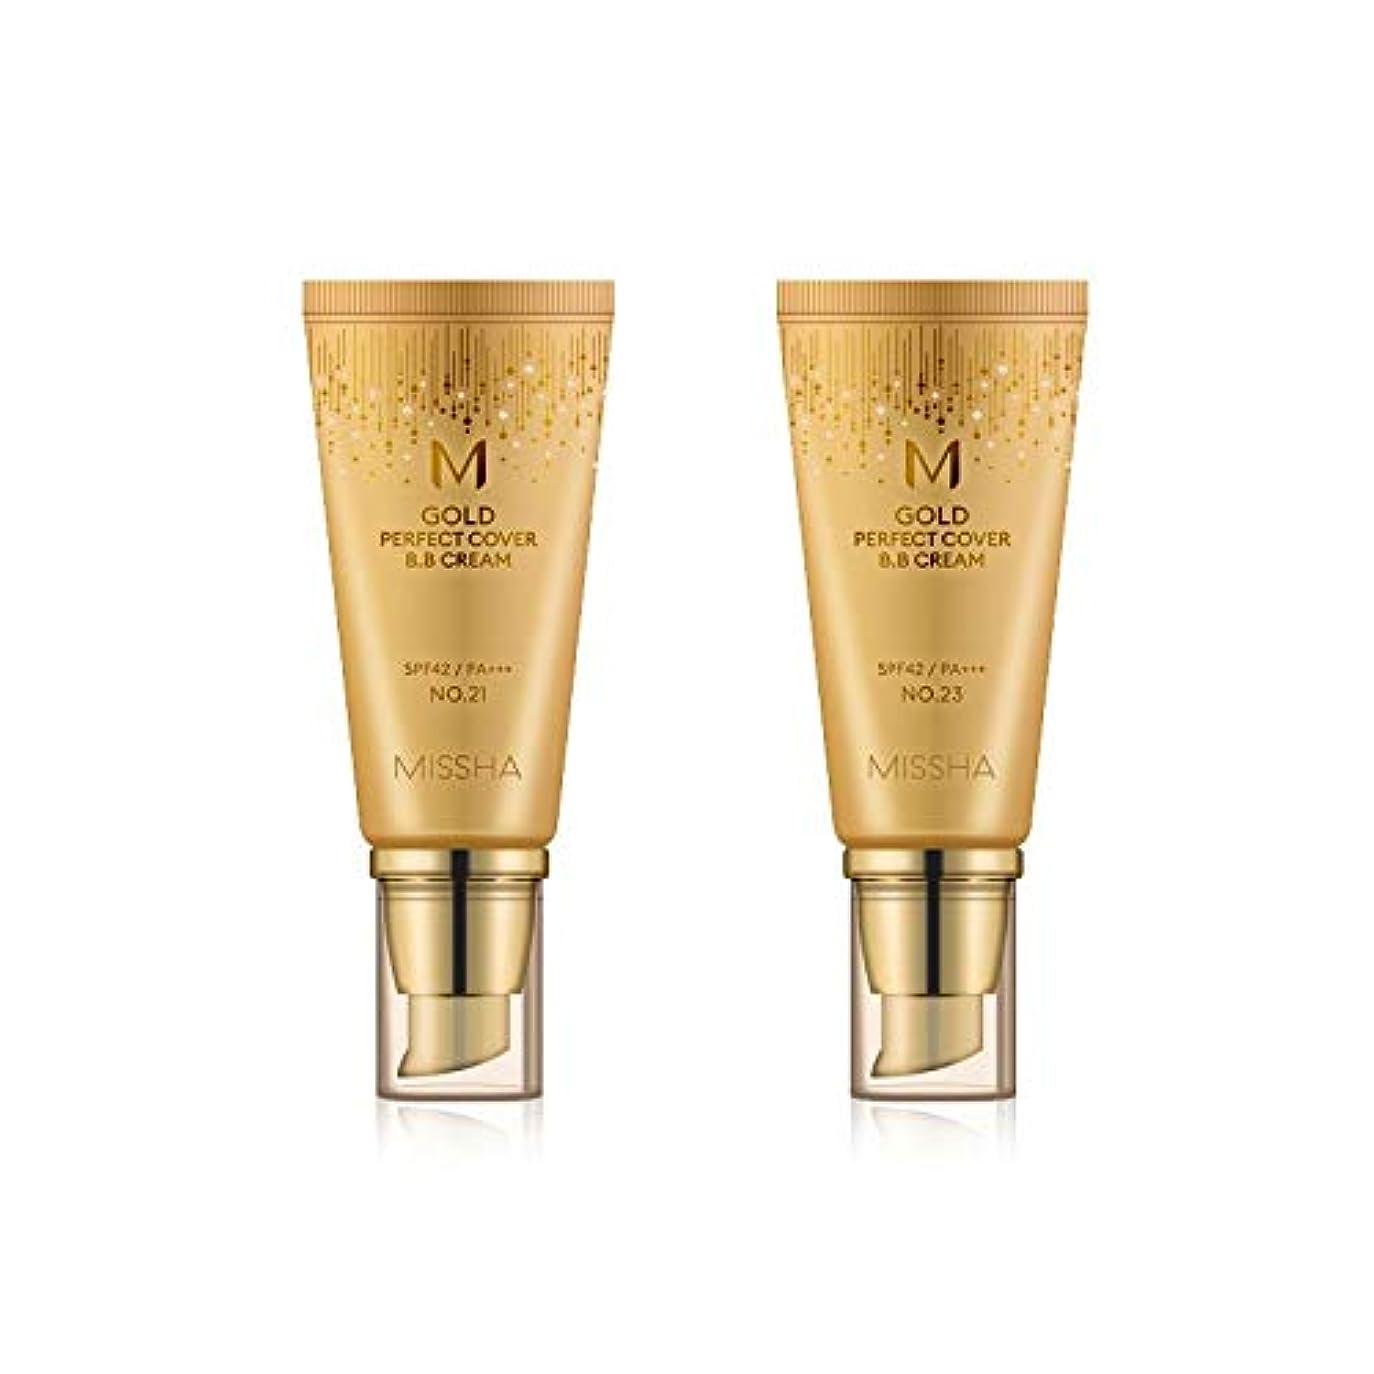 列挙するホラー遠えMISSHA Gold Perfecte Cover BB Cream SPF42 PA+++ / ミシャ ゴールド パーフェクト カバー BBクリーム 50ml *NO.23 [並行輸入品]